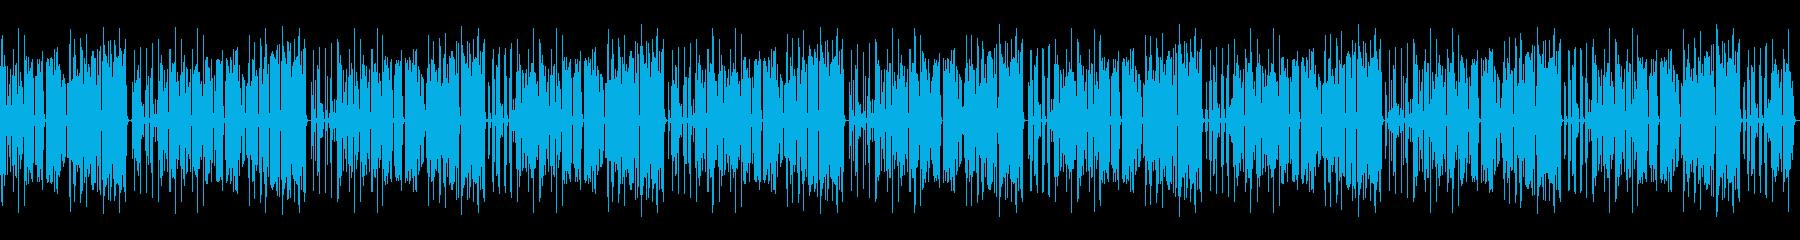 コミカル脱力系♪キッズ・ペット・面白映像の再生済みの波形